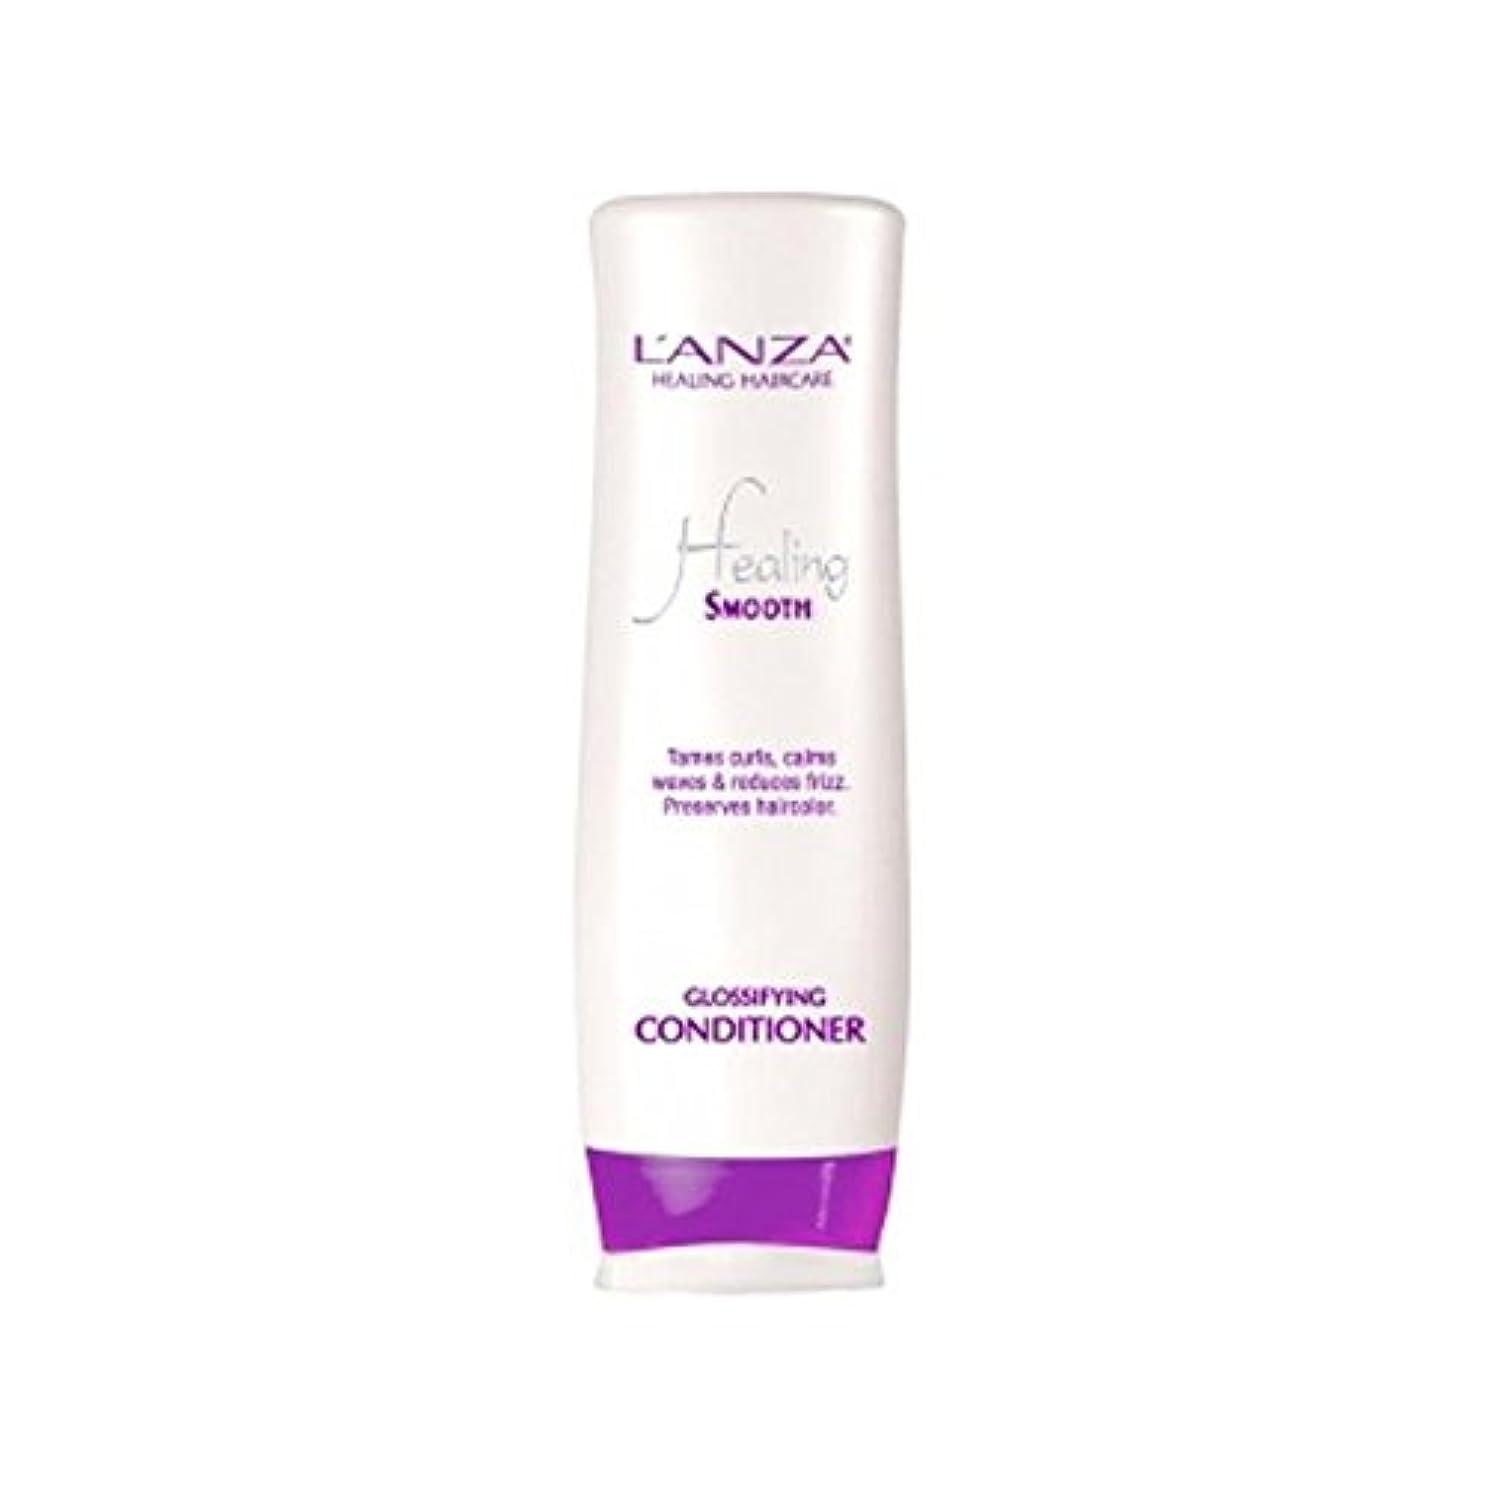 上回るゼロ正統派スムーズなコンディショナーを癒し'アンザ(250ミリリットル) x2 - L'Anza Healing Smooth Glossifying Conditioner (250ml) (Pack of 2) [並行輸入品]